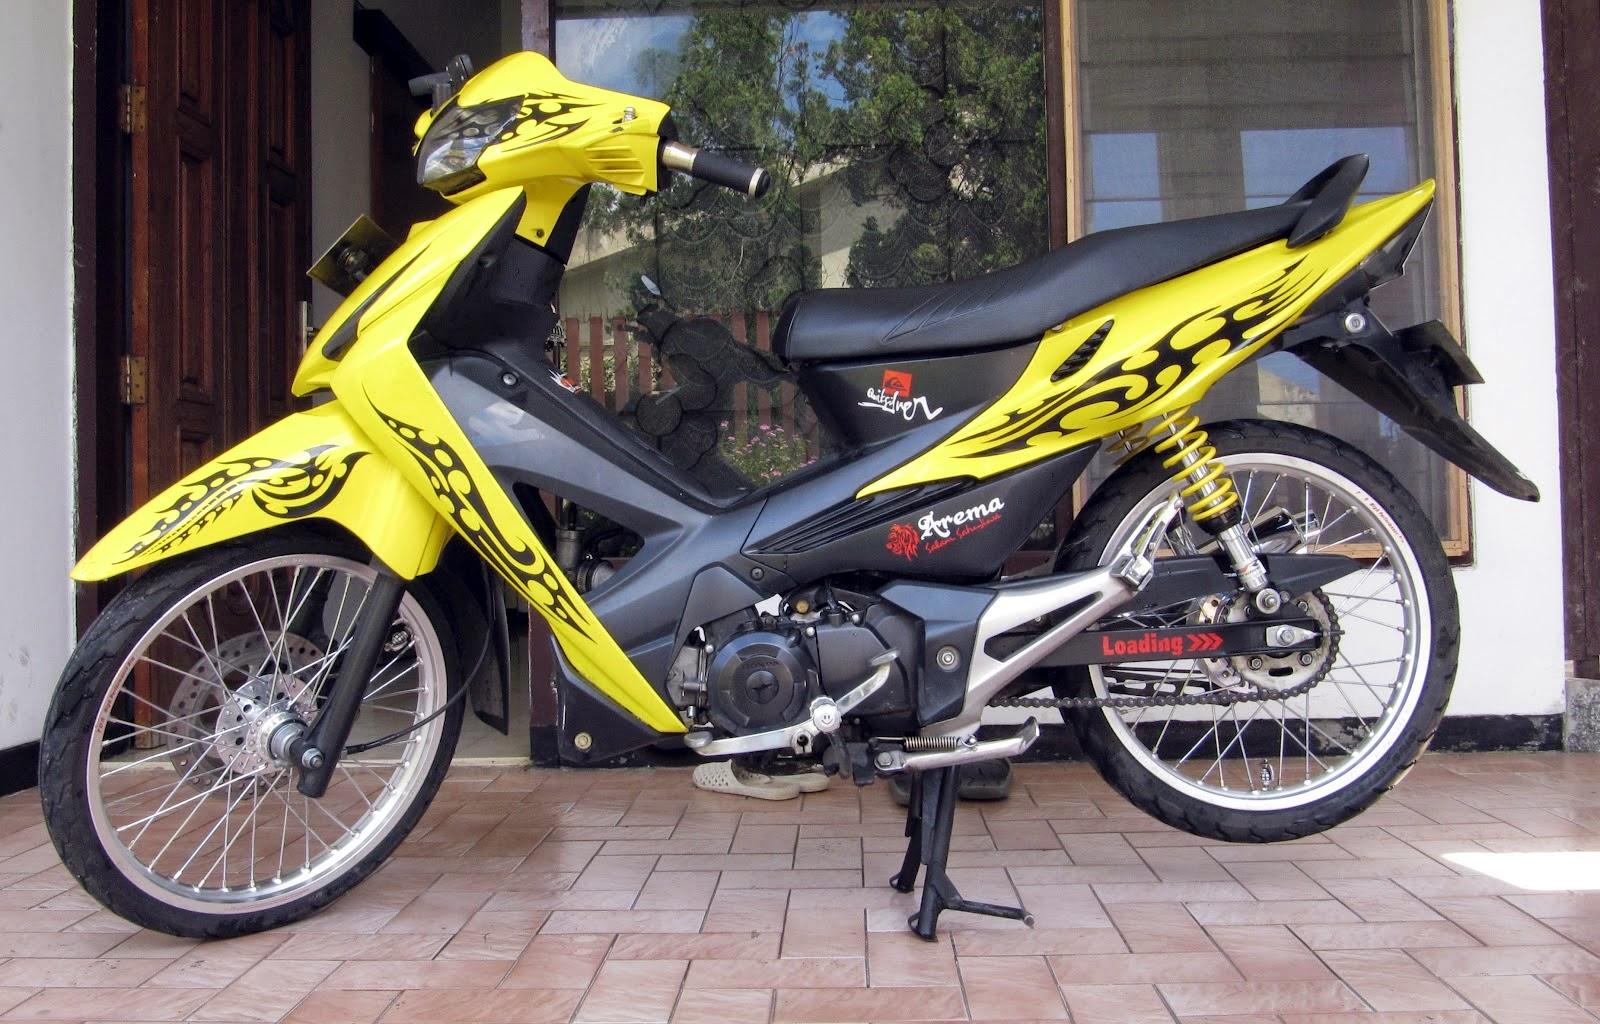 Koleksi Foto Modifikasi Motor Honda Revo 110 Terlengkap Tales Modif